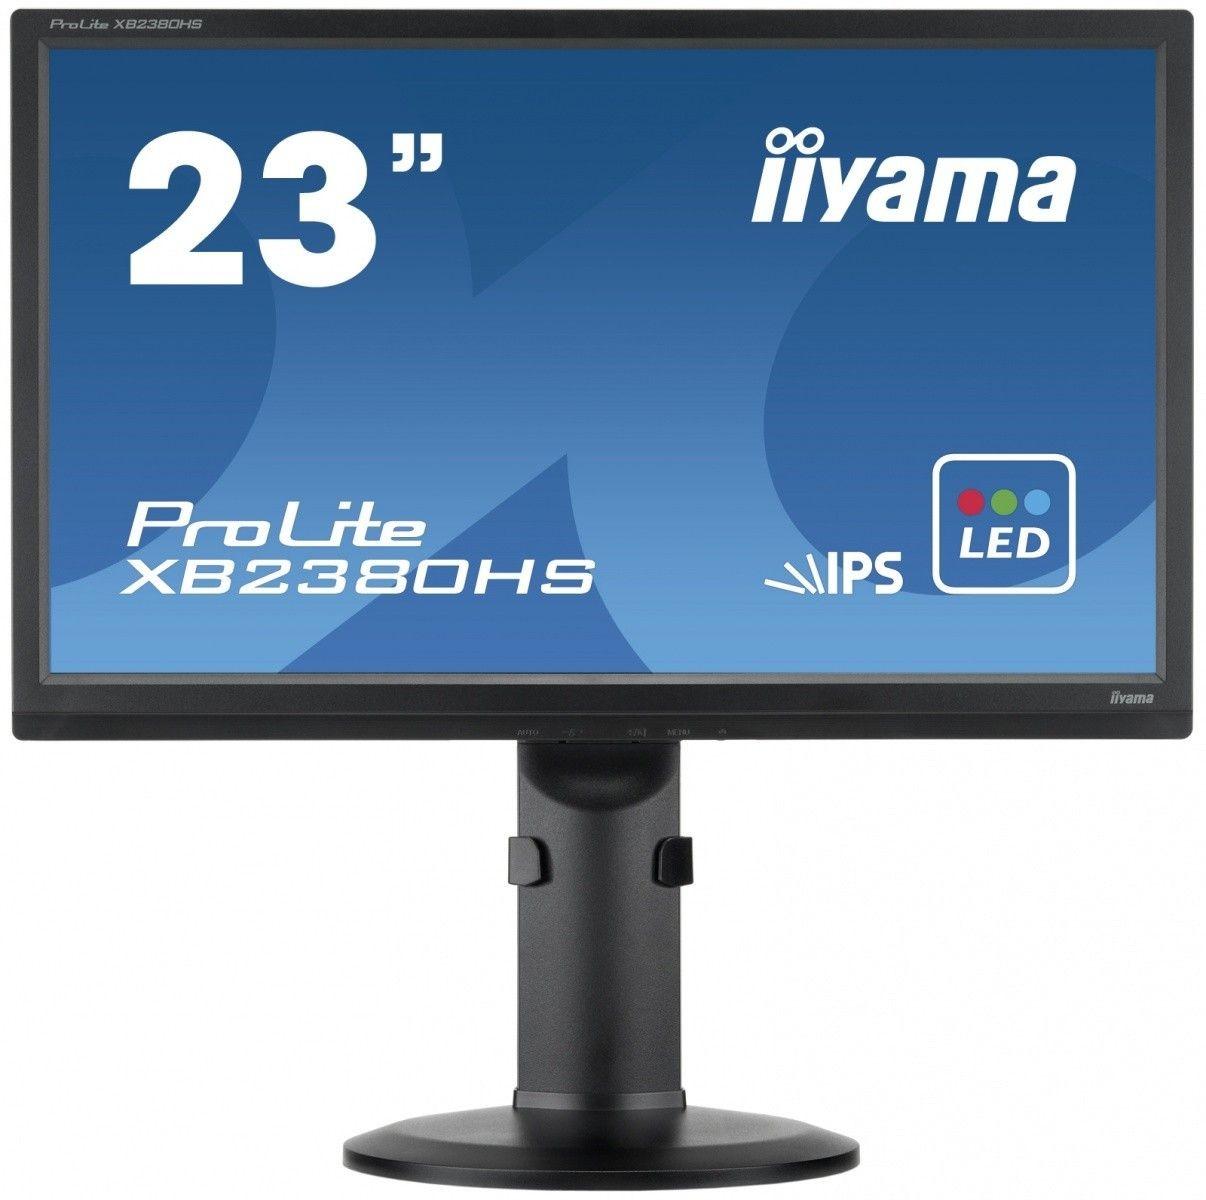 iiyama Monitor XB2380HS-B1 23inch, IPS, Full HD, DVI, HDMI, głośniki